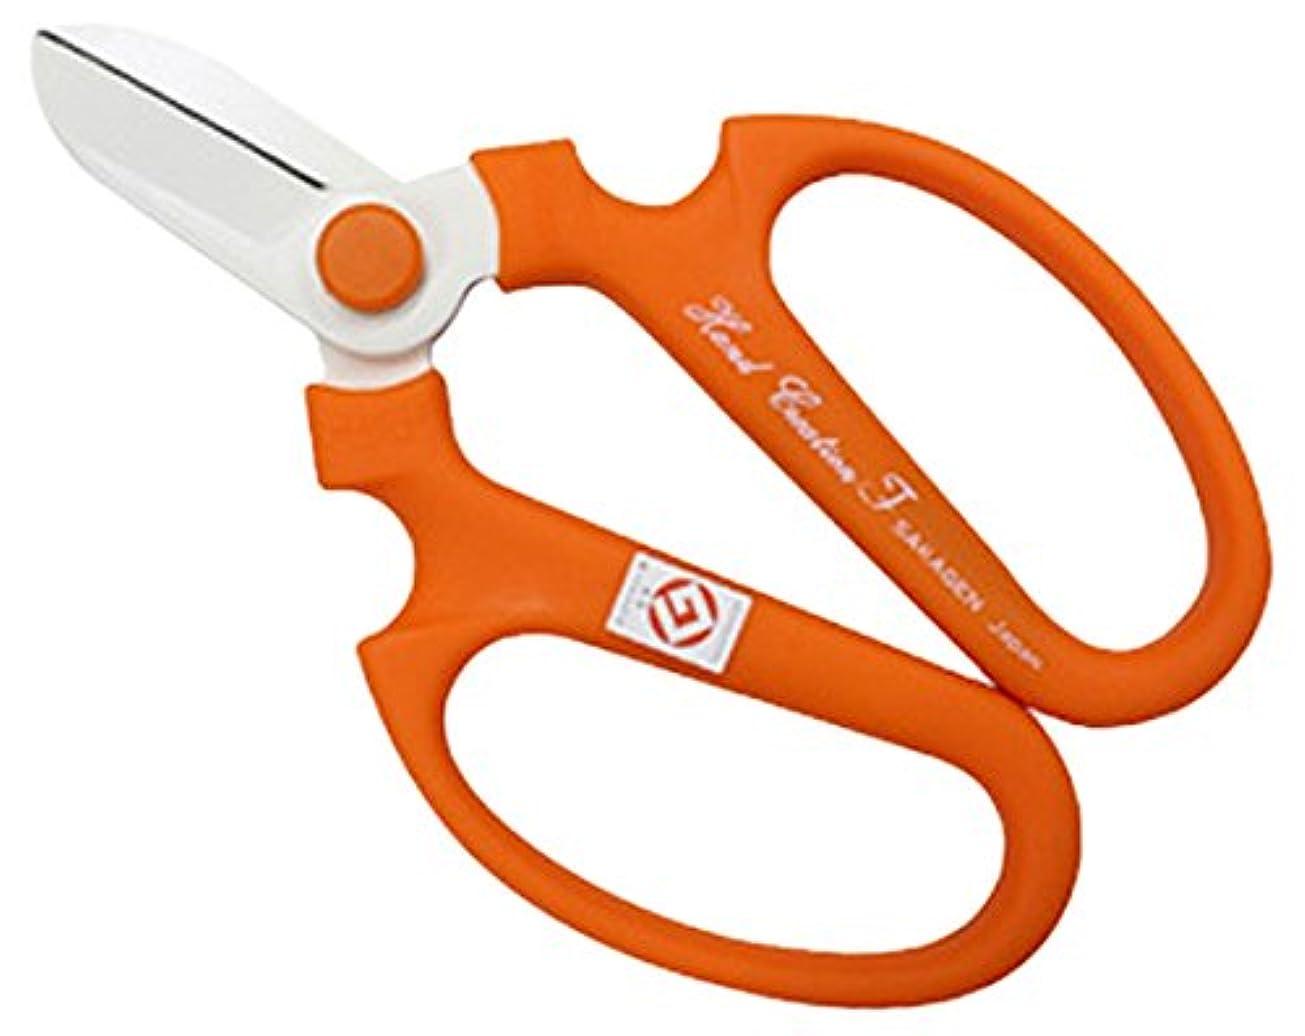 売上高高揚したコテージハンドクリエーション F170 オレンジクイーン